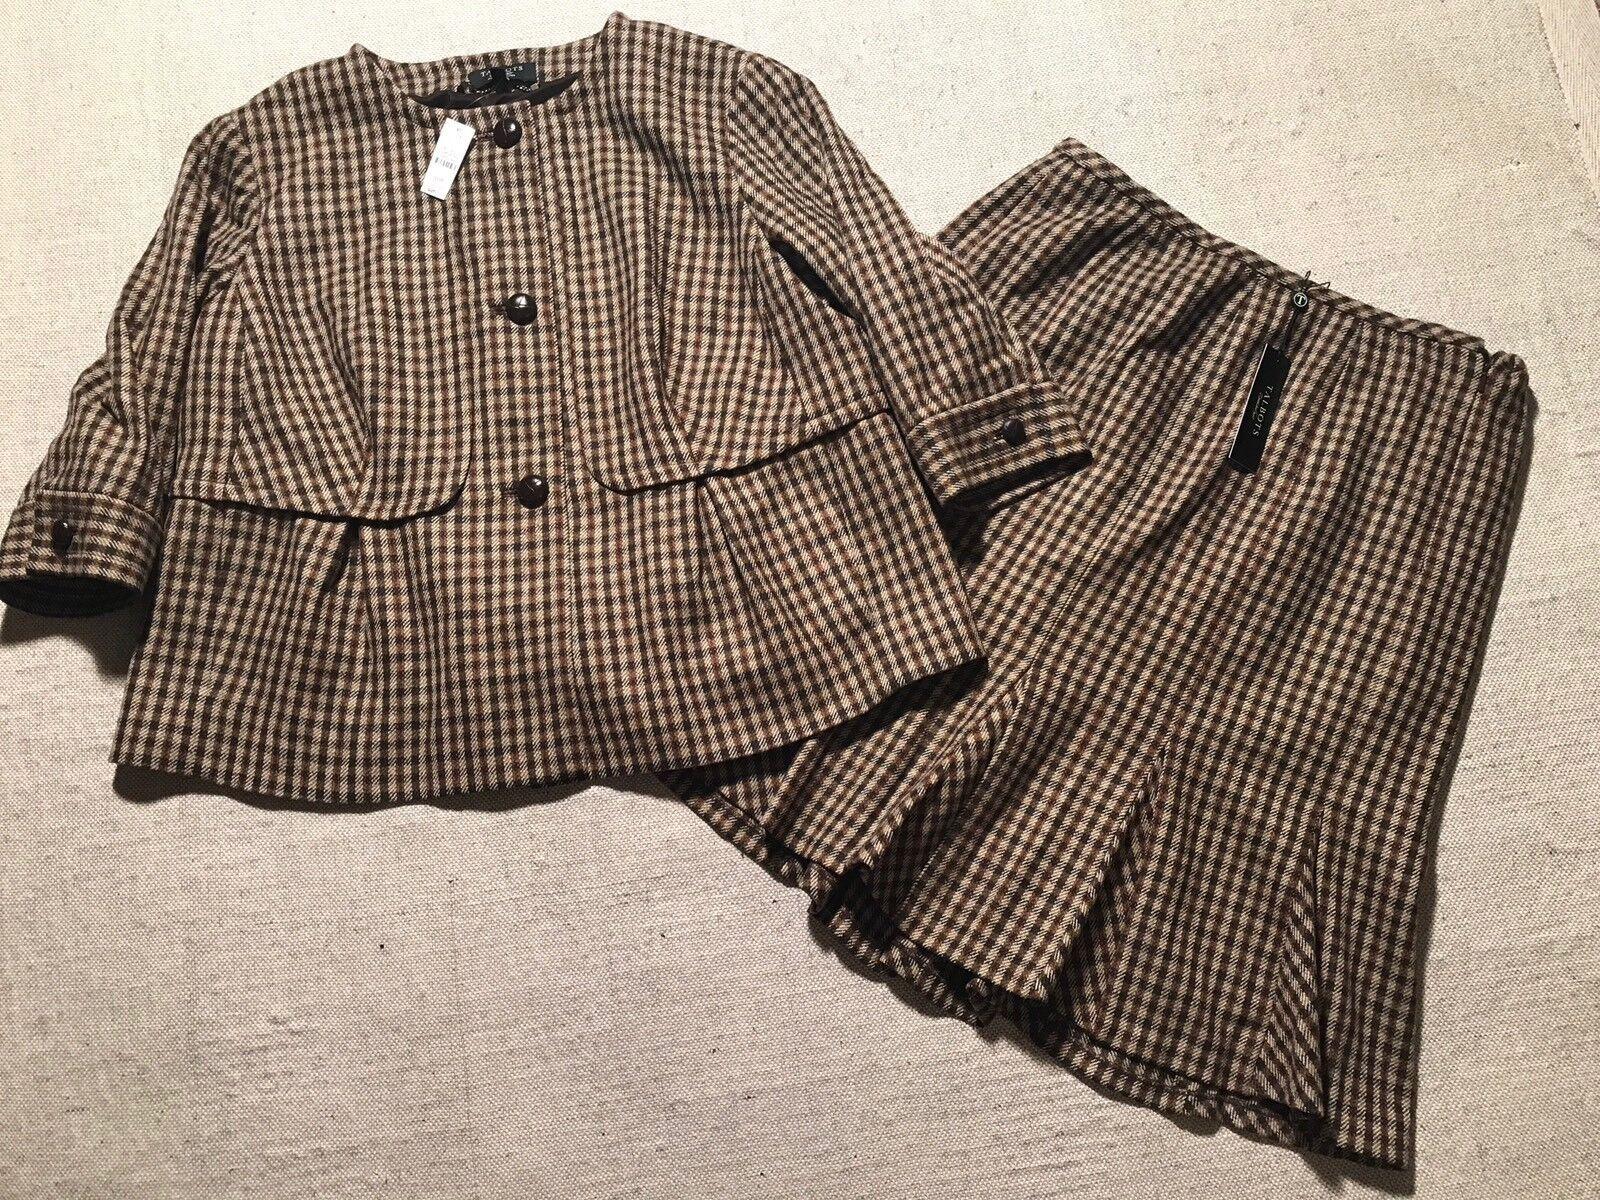 362 Talbots para Mujer Marrón comprobar falda  traje chaqueta tamaño 16WP nuevo  J6  gran venta